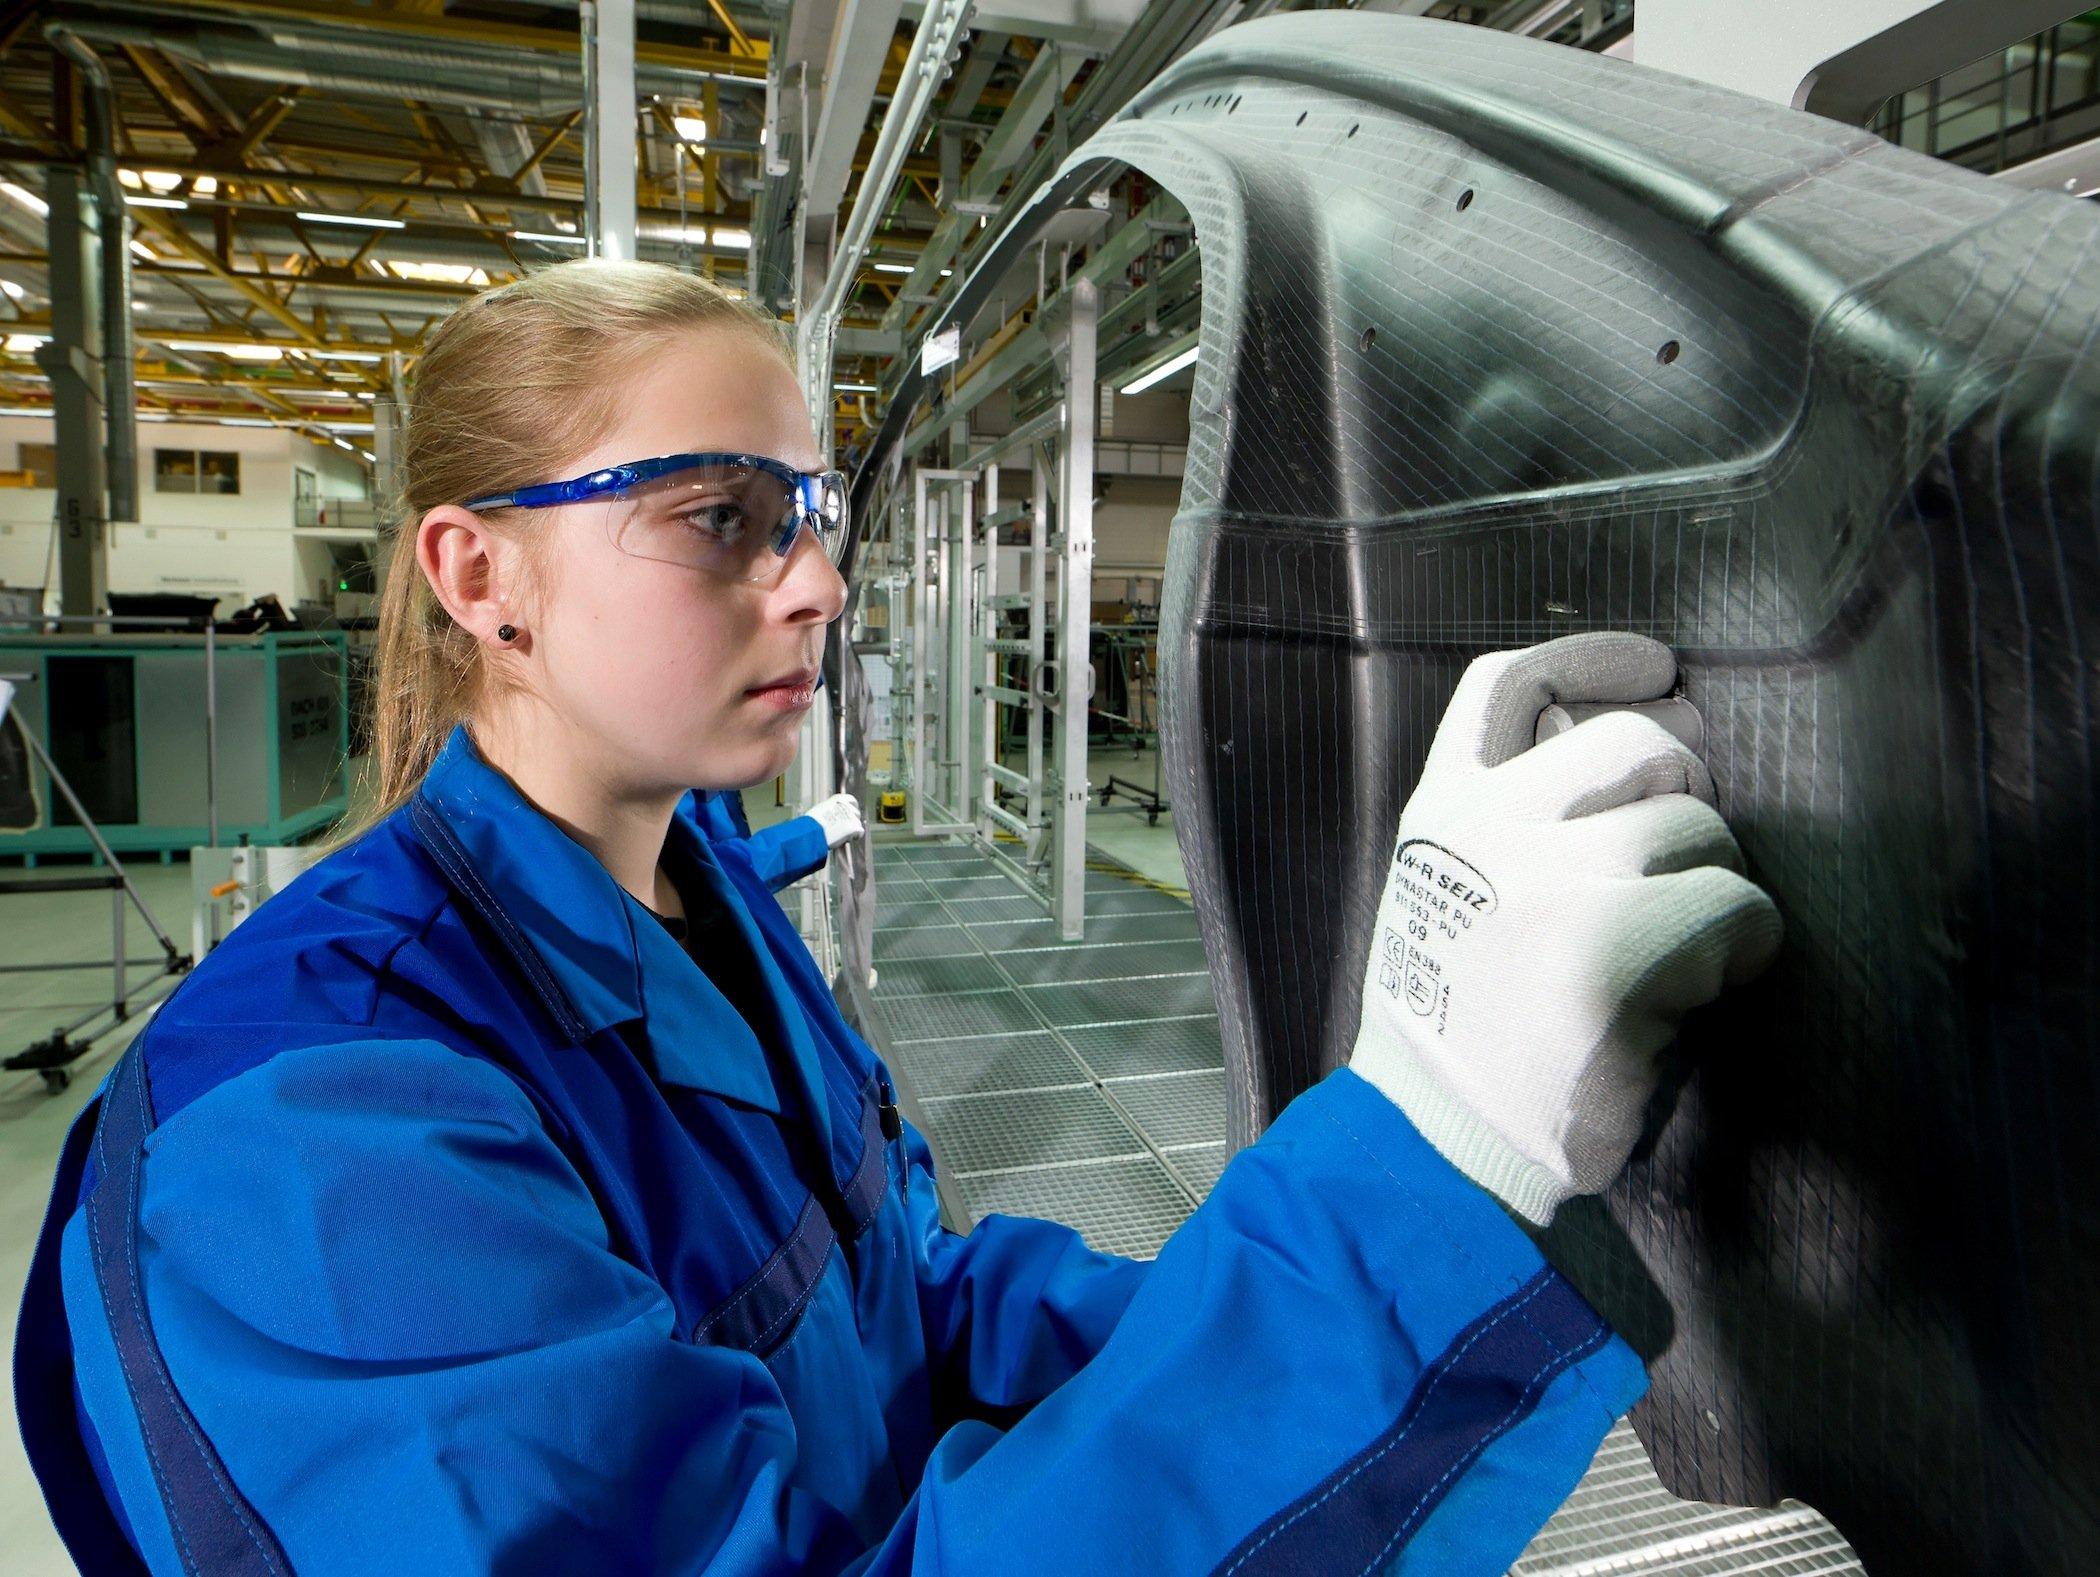 Prüfung eines CFK-Karosserieteils im BMW-Werk in Landshut: Die Anforderungen an die Fügetechnik wird durch neue Materialien immer höher.